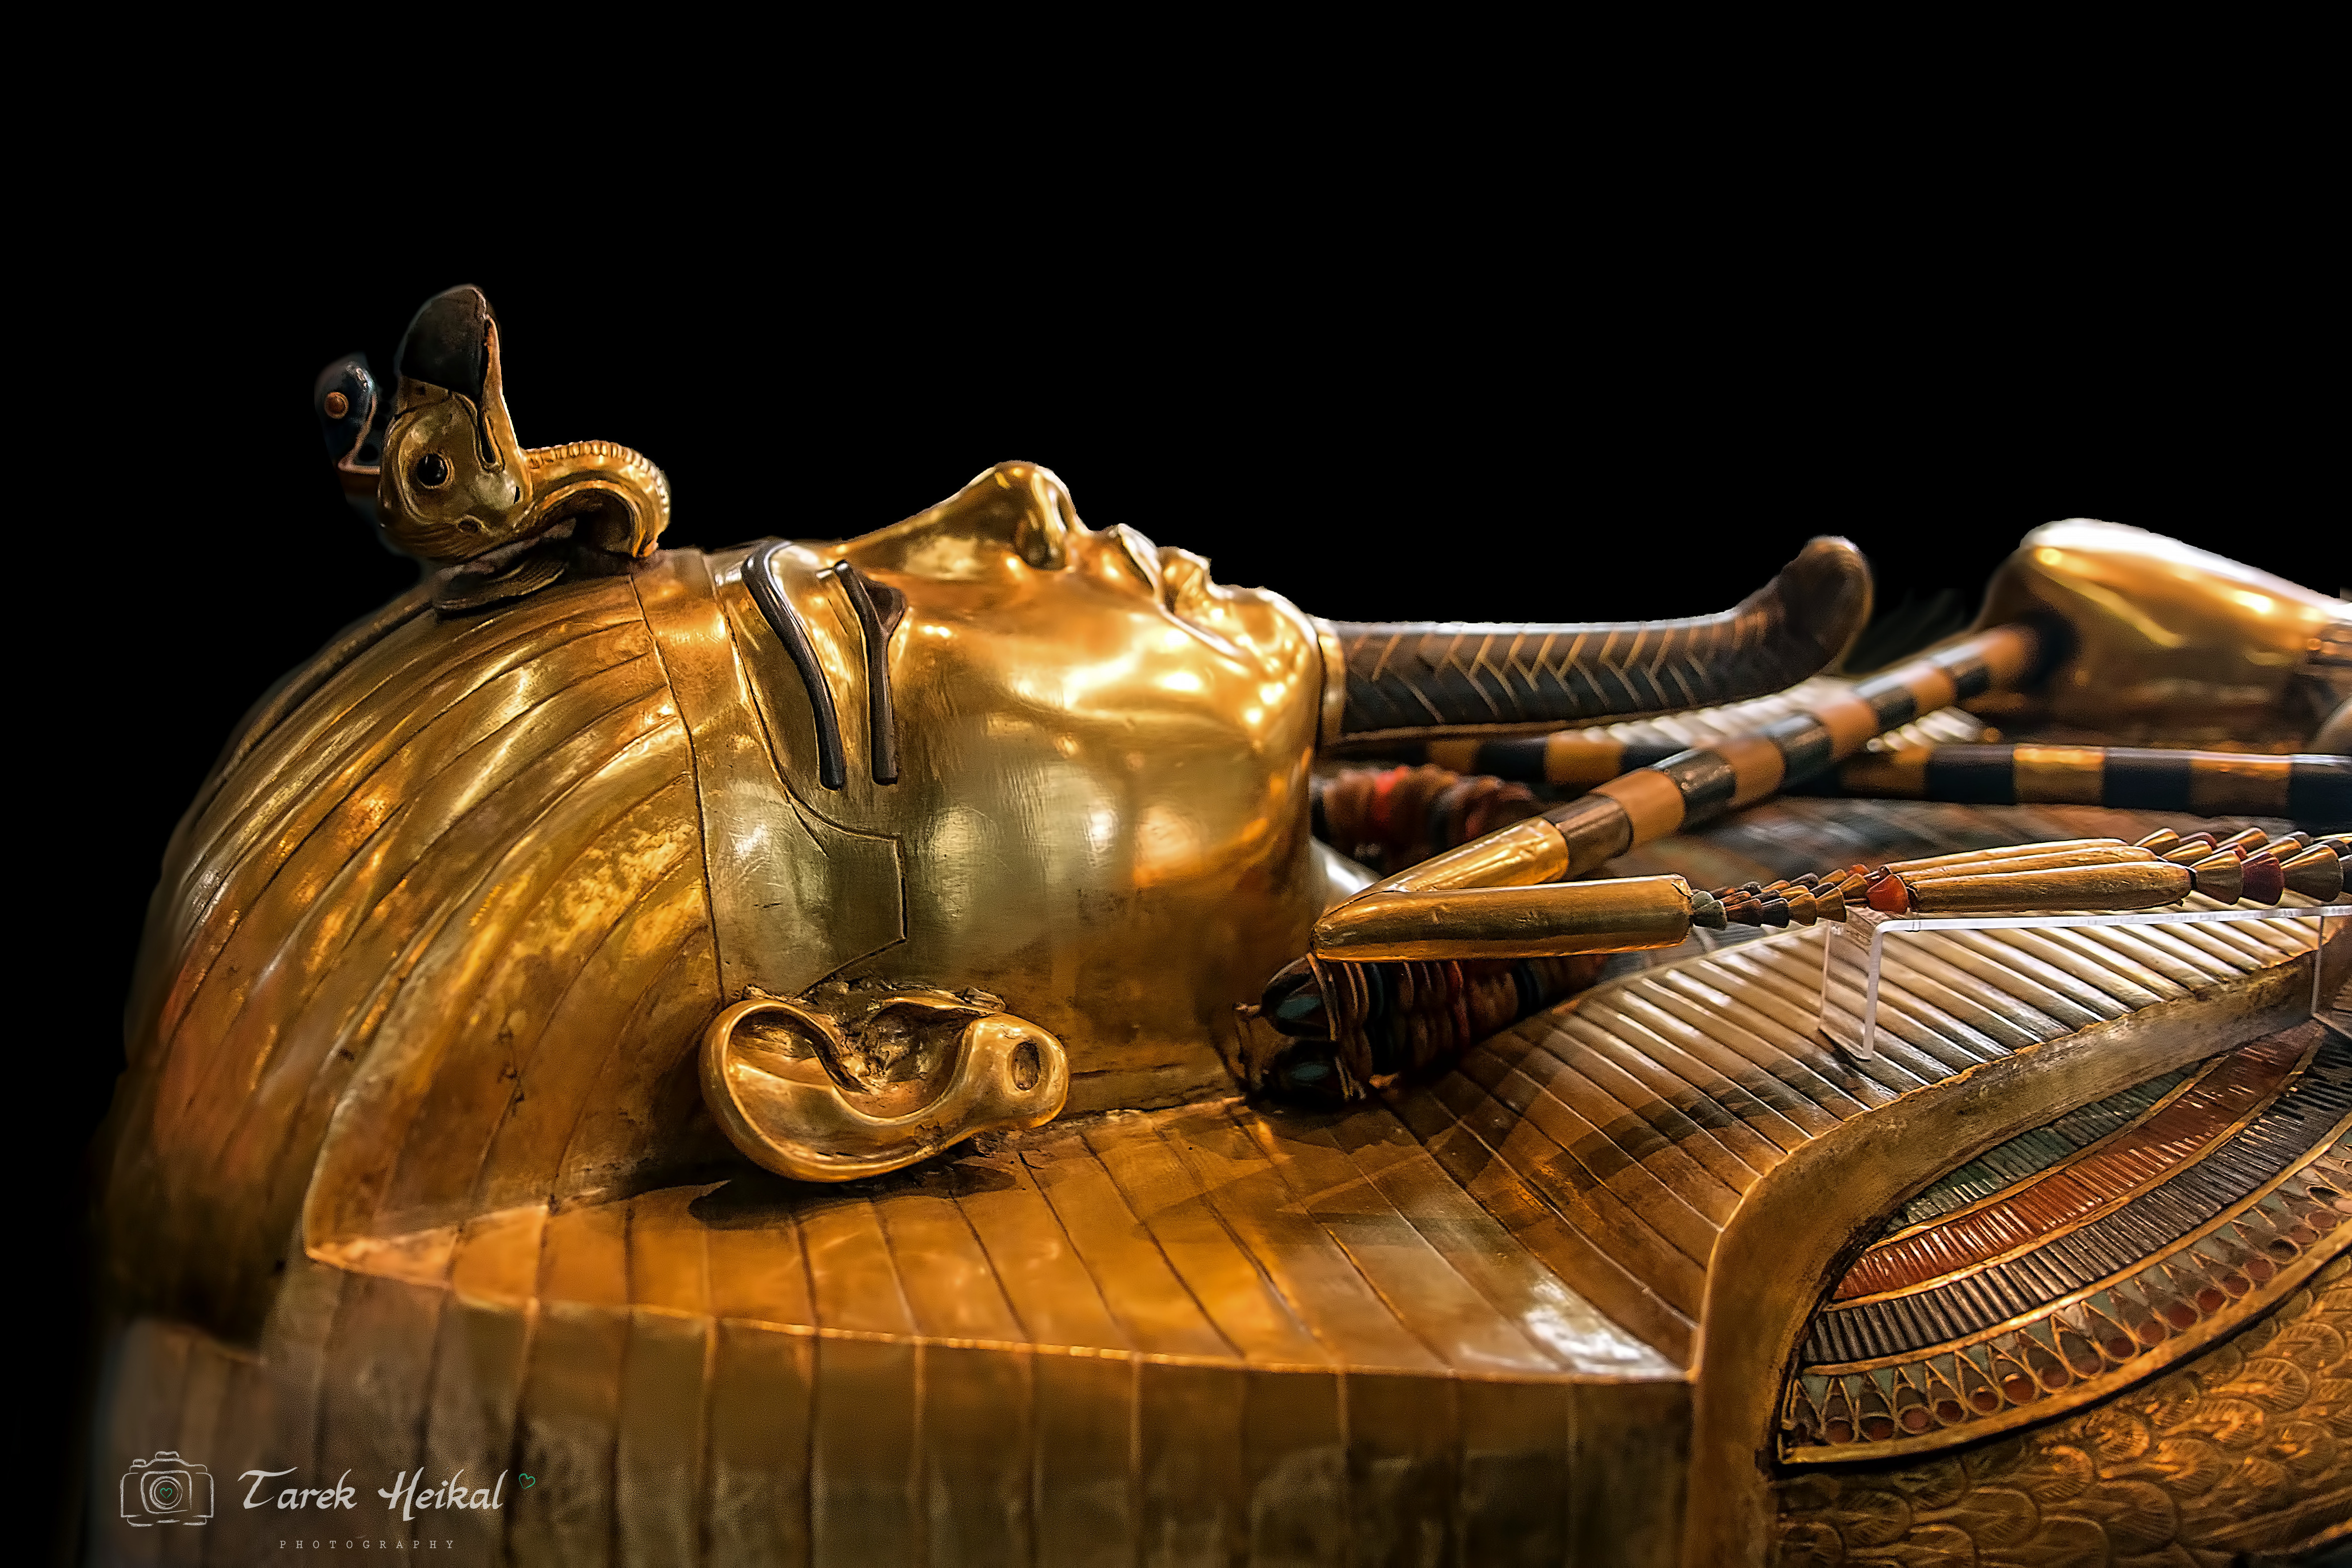 التابوت الذهبي للملك توت عنخ امون.jpg